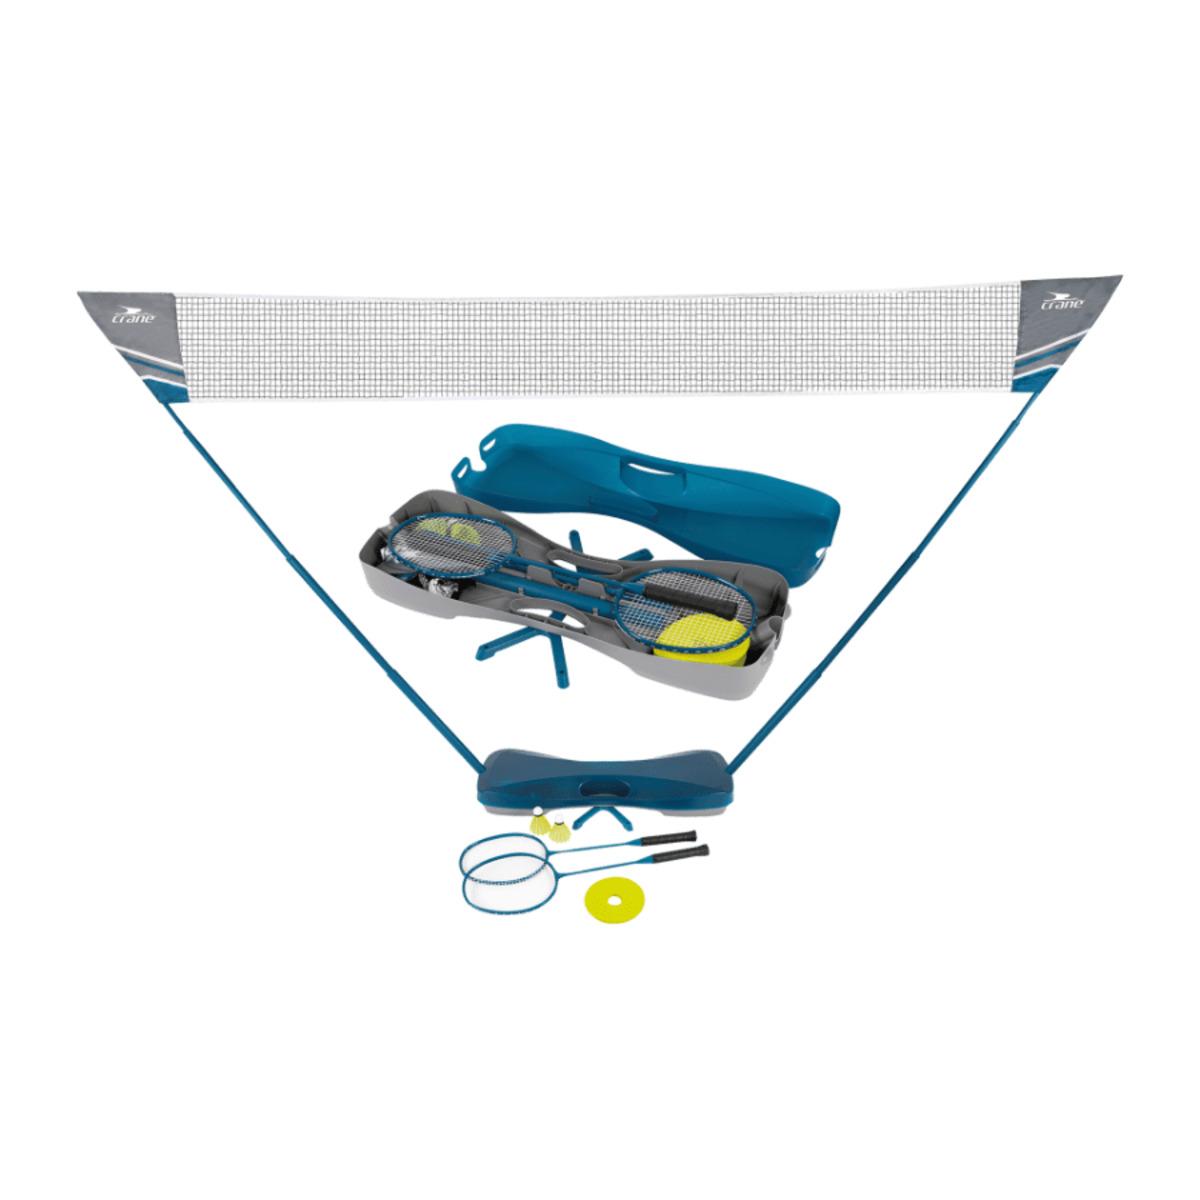 Bild 1 von CRANE     Badminton Set mit Standfuß